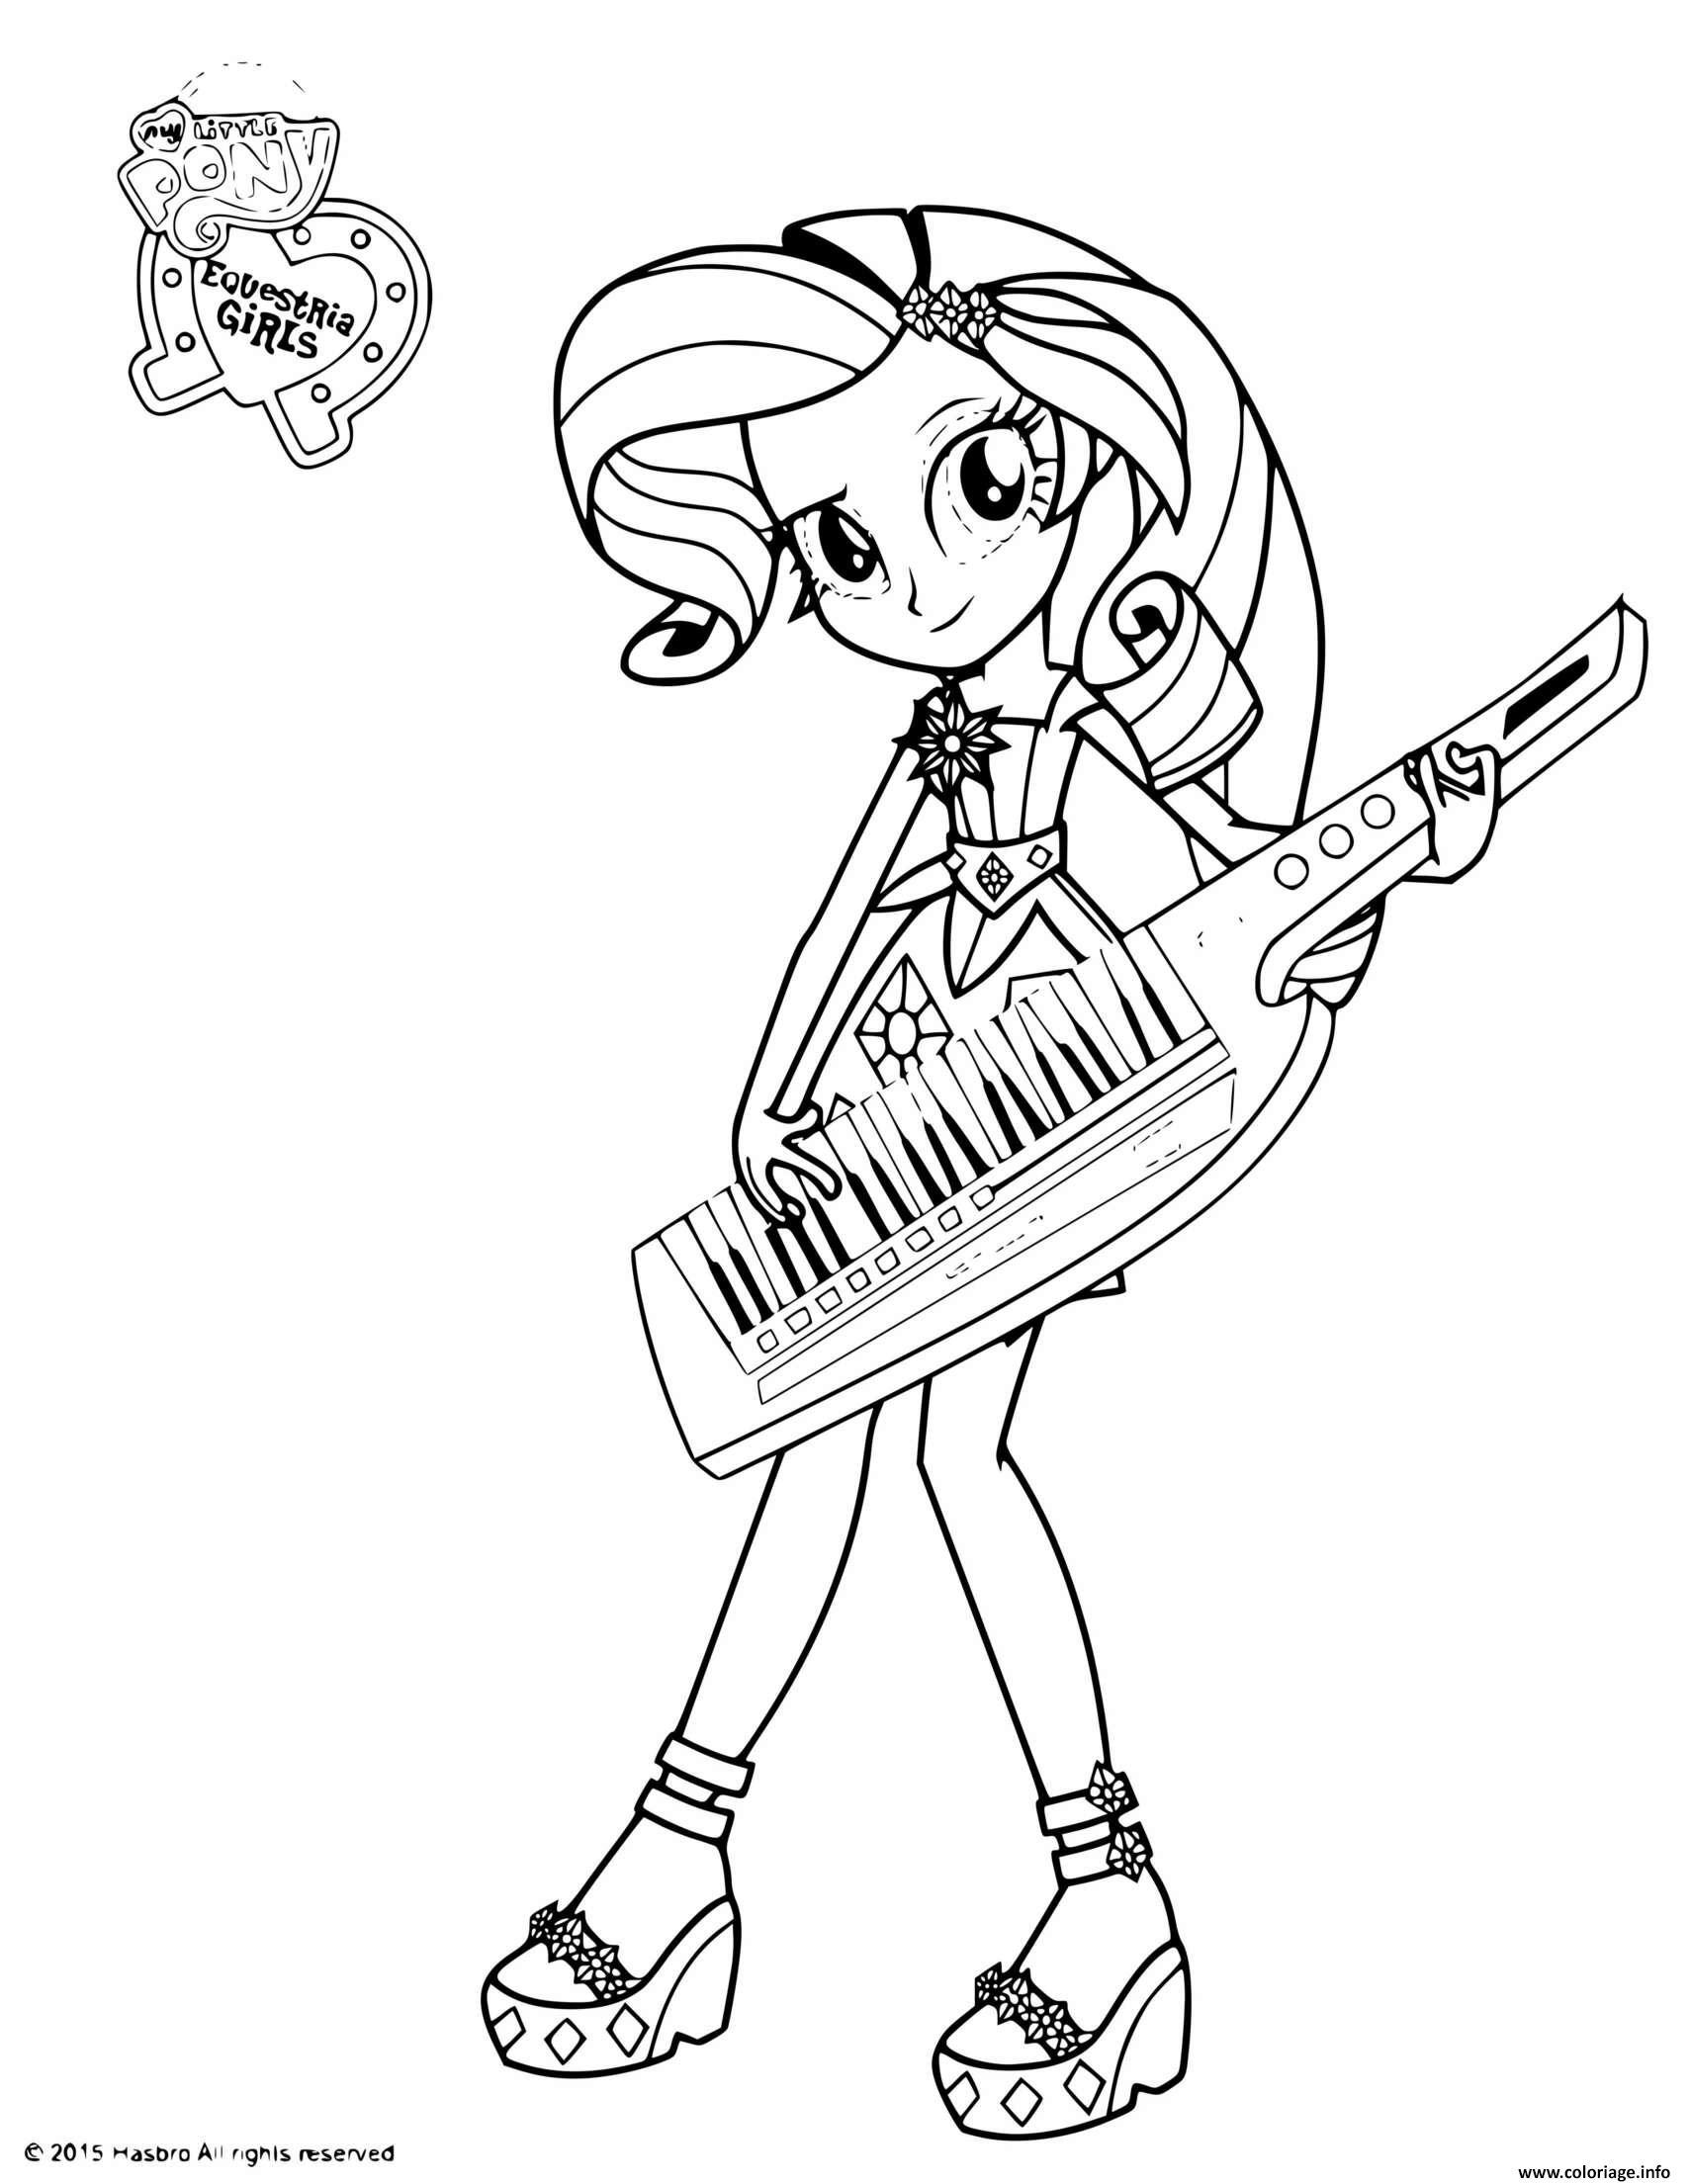 Dessin My Little Pony Equestria Coloriage Gratuit à Imprimer